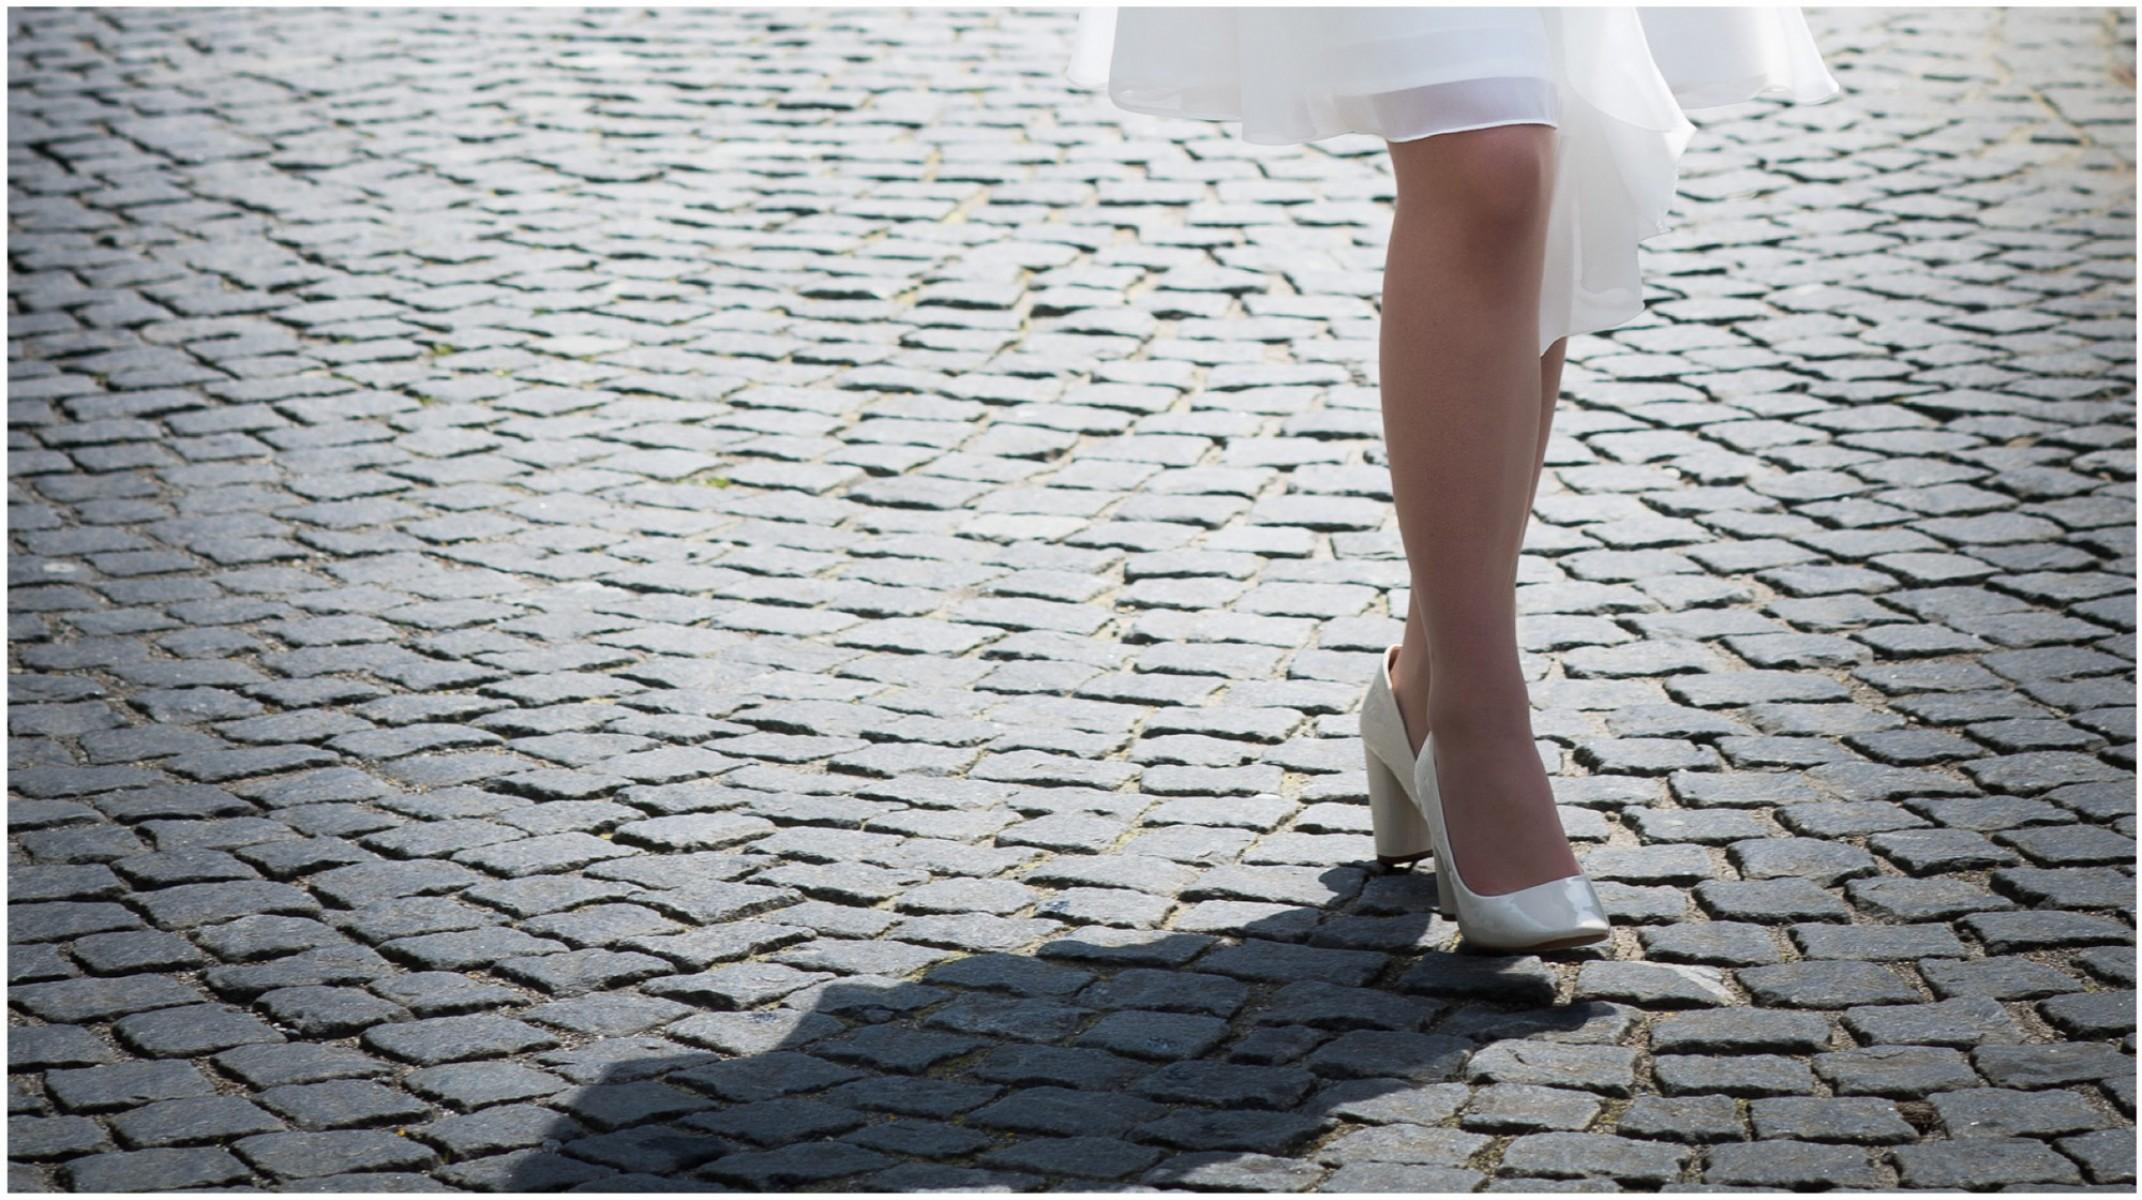 Beine von einer jungen Frau auf Pflastersteine